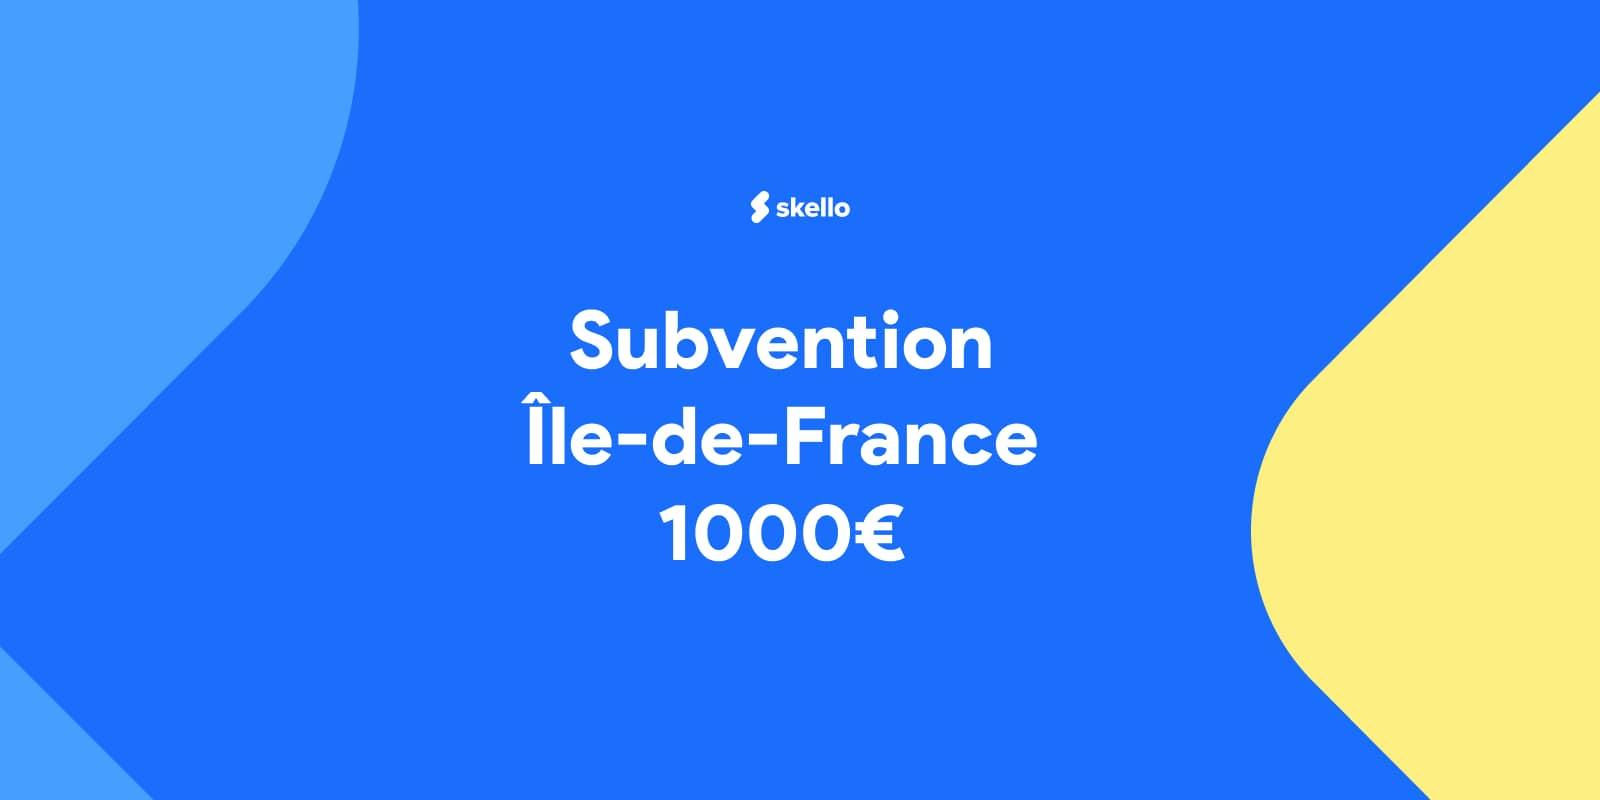 Commerces et secteur HCR : subvention de 1000 euros en Île-de-France.